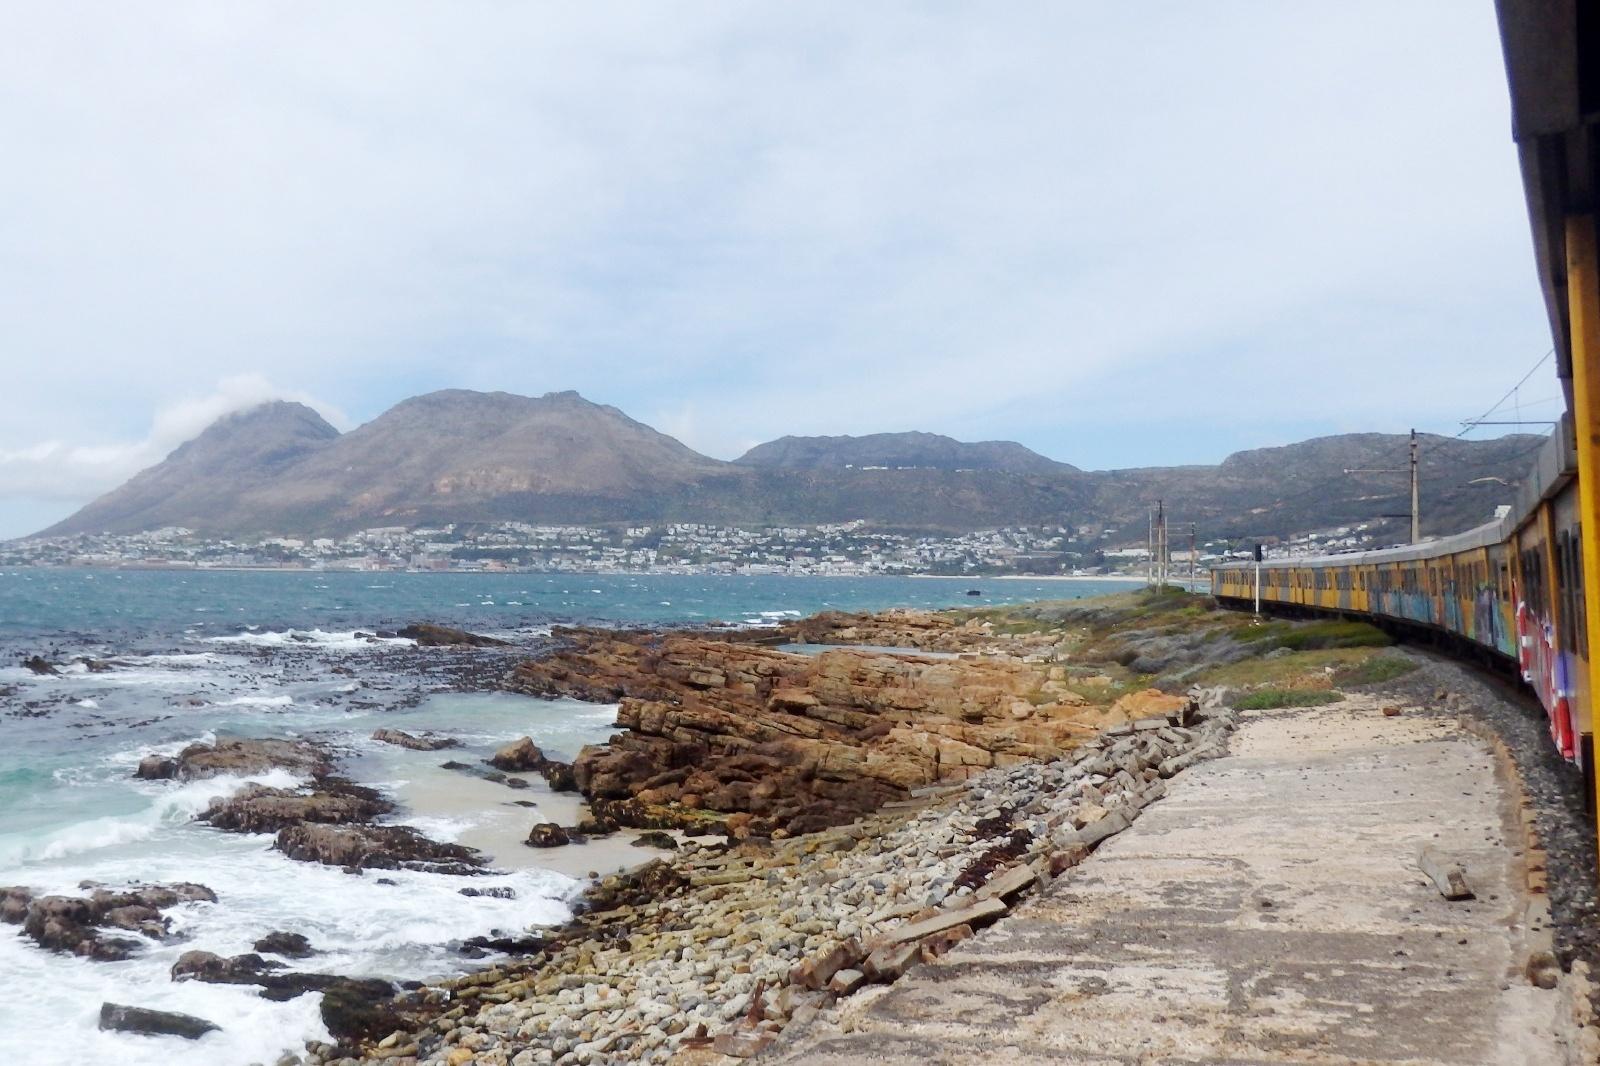 海沿いをゆく電車 南アフリカの鉄道風景